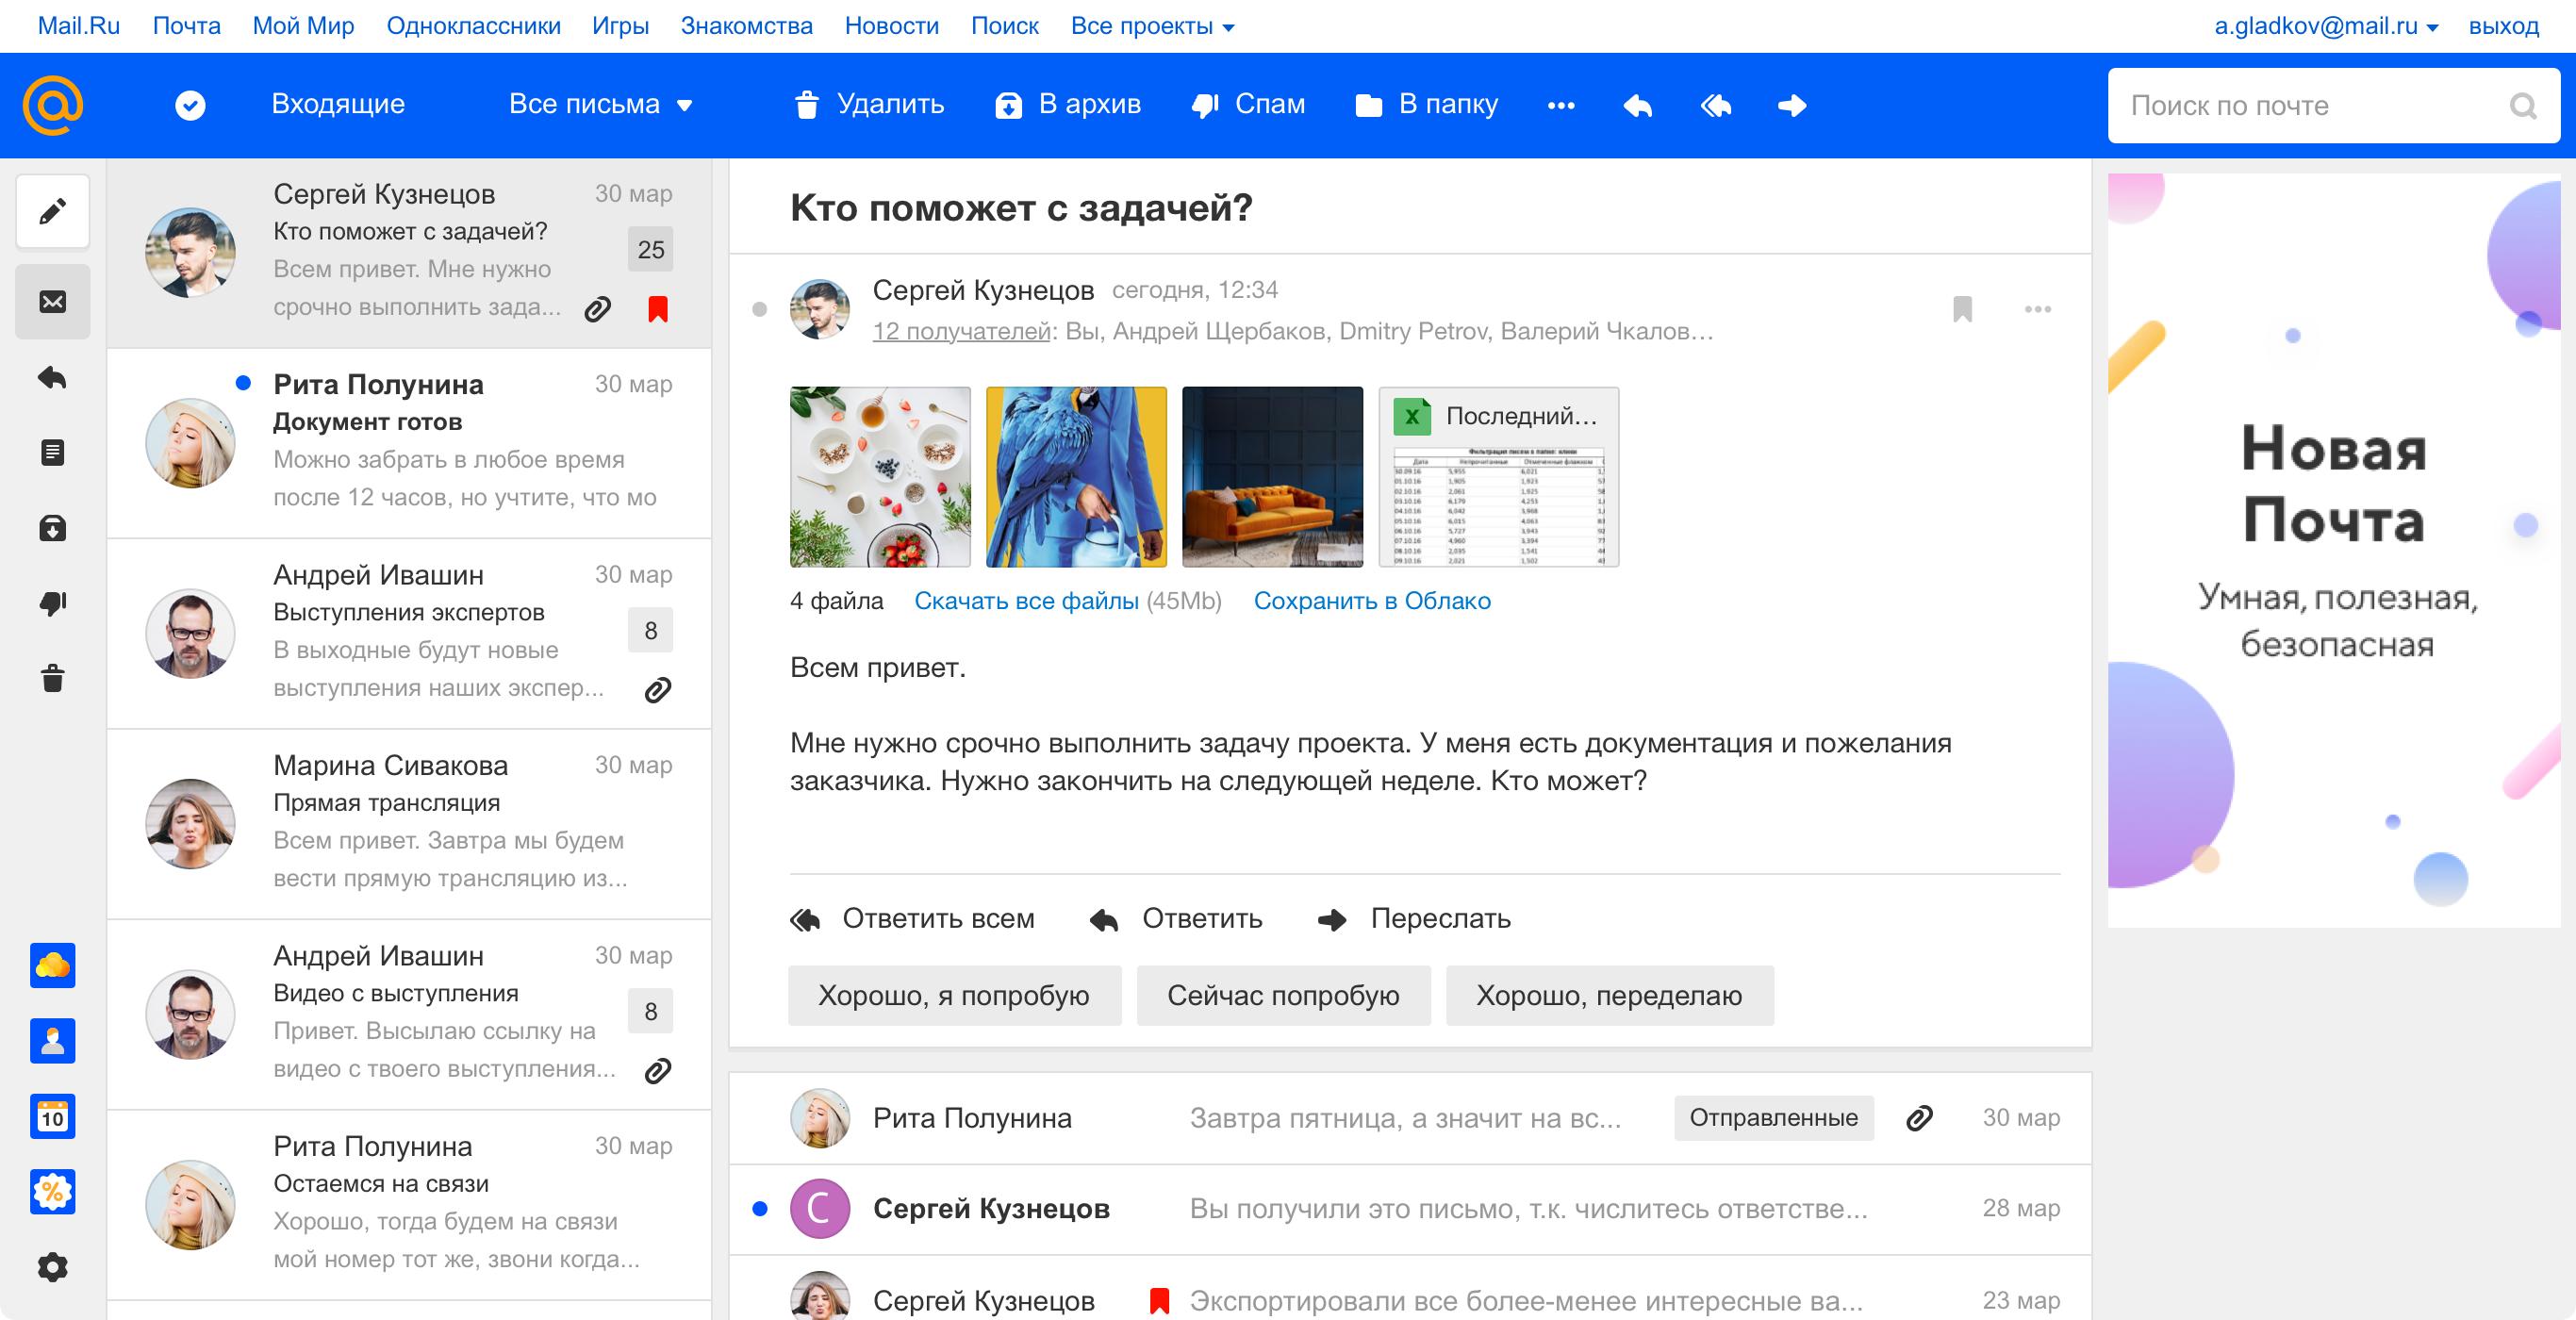 Новая Почта Mail.ru и при чем тут осьминог - 23